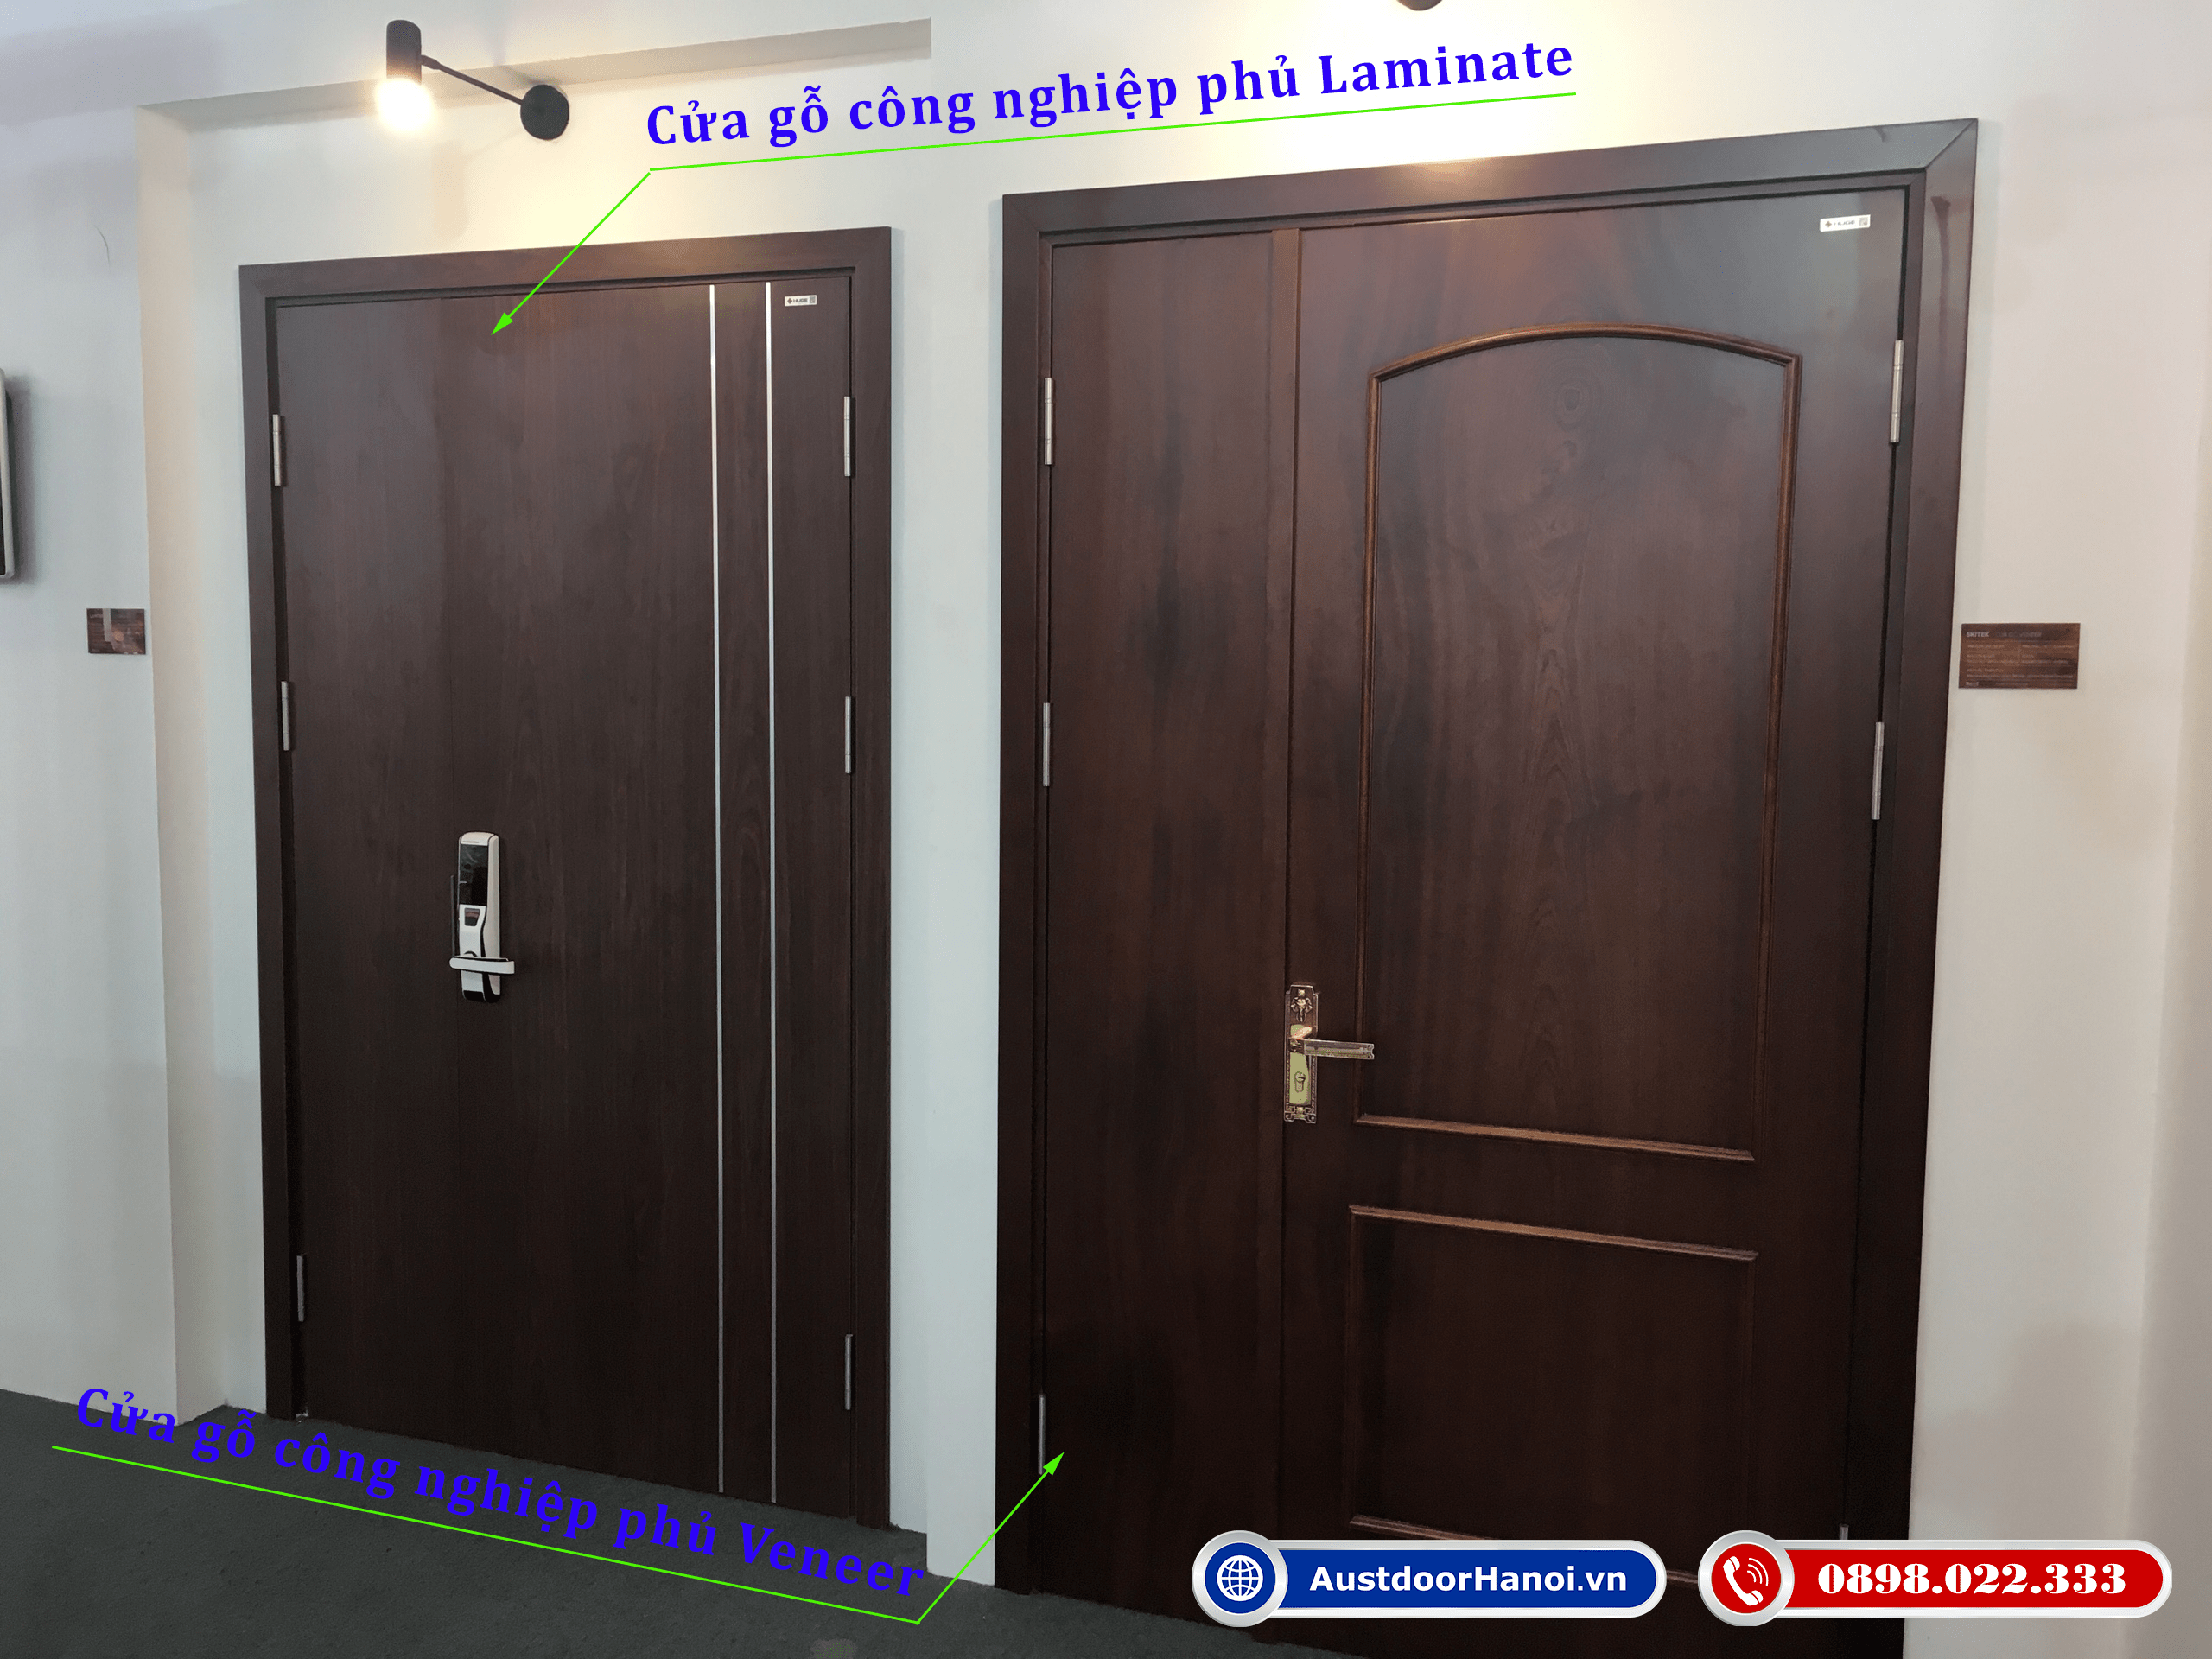 Cửa gỗ công nghiệp Veneer và cửa gỗ công nghiệp Laminate - Huge-Austdoor